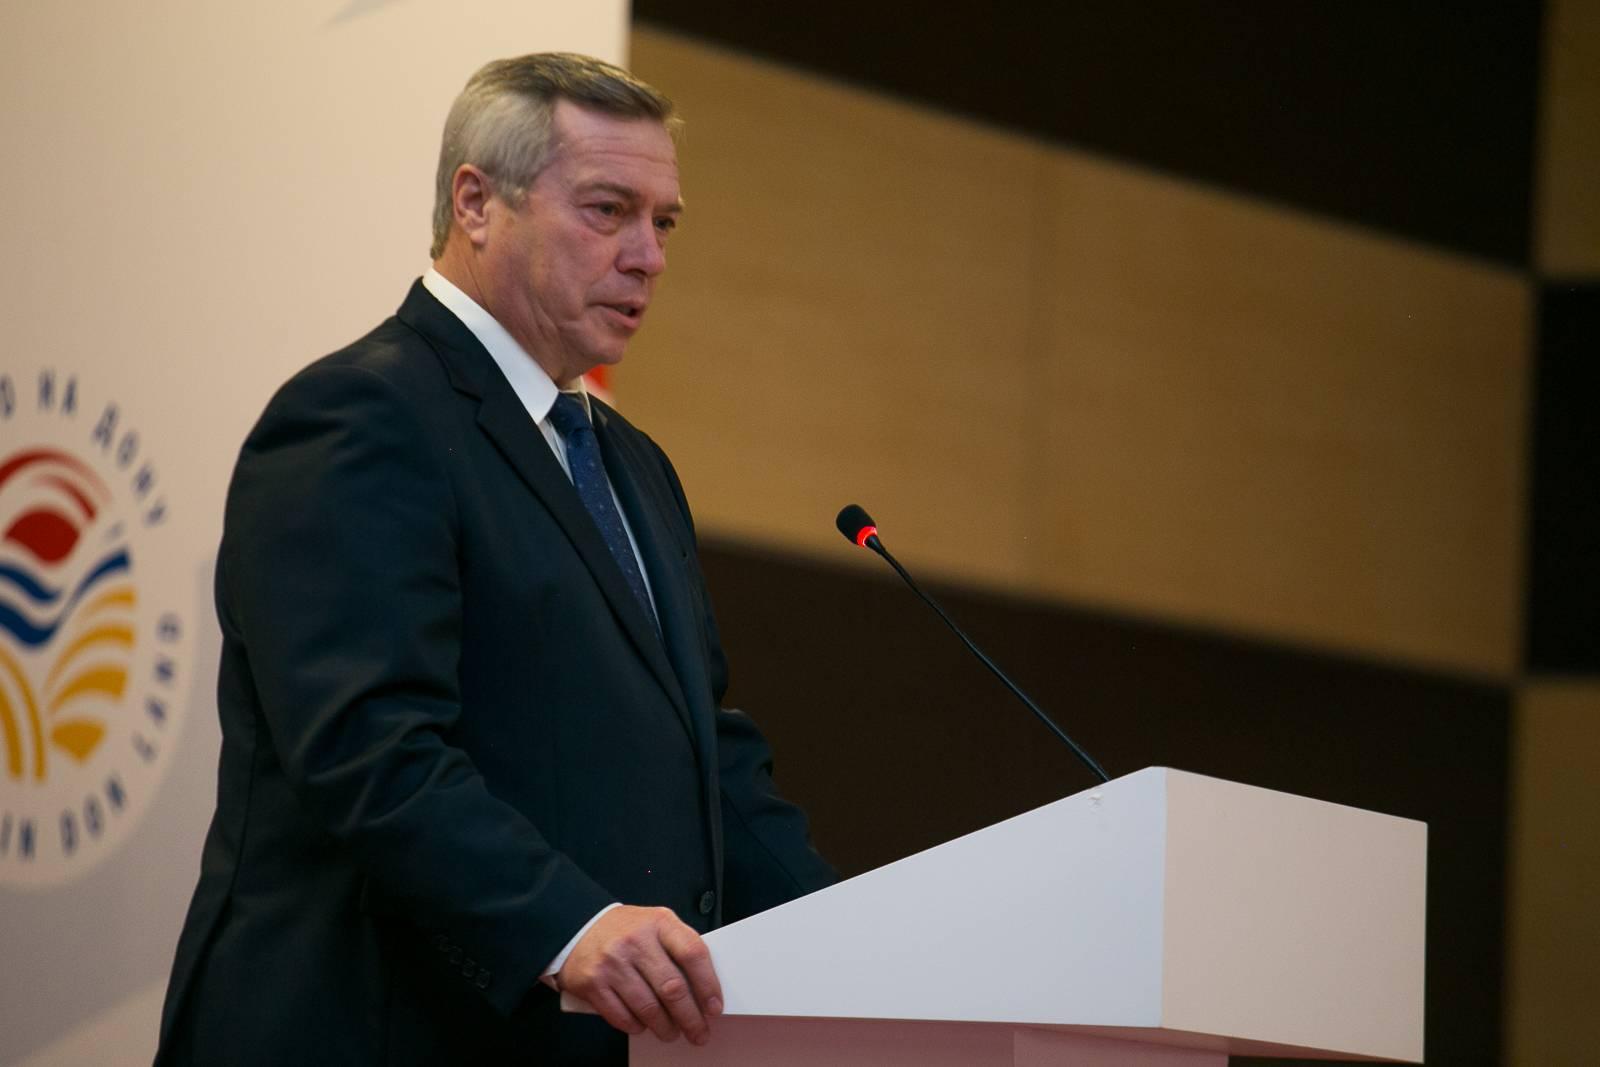 Губернатор вручил знаки «Сделано на Дону» 35 предприятиям Дона